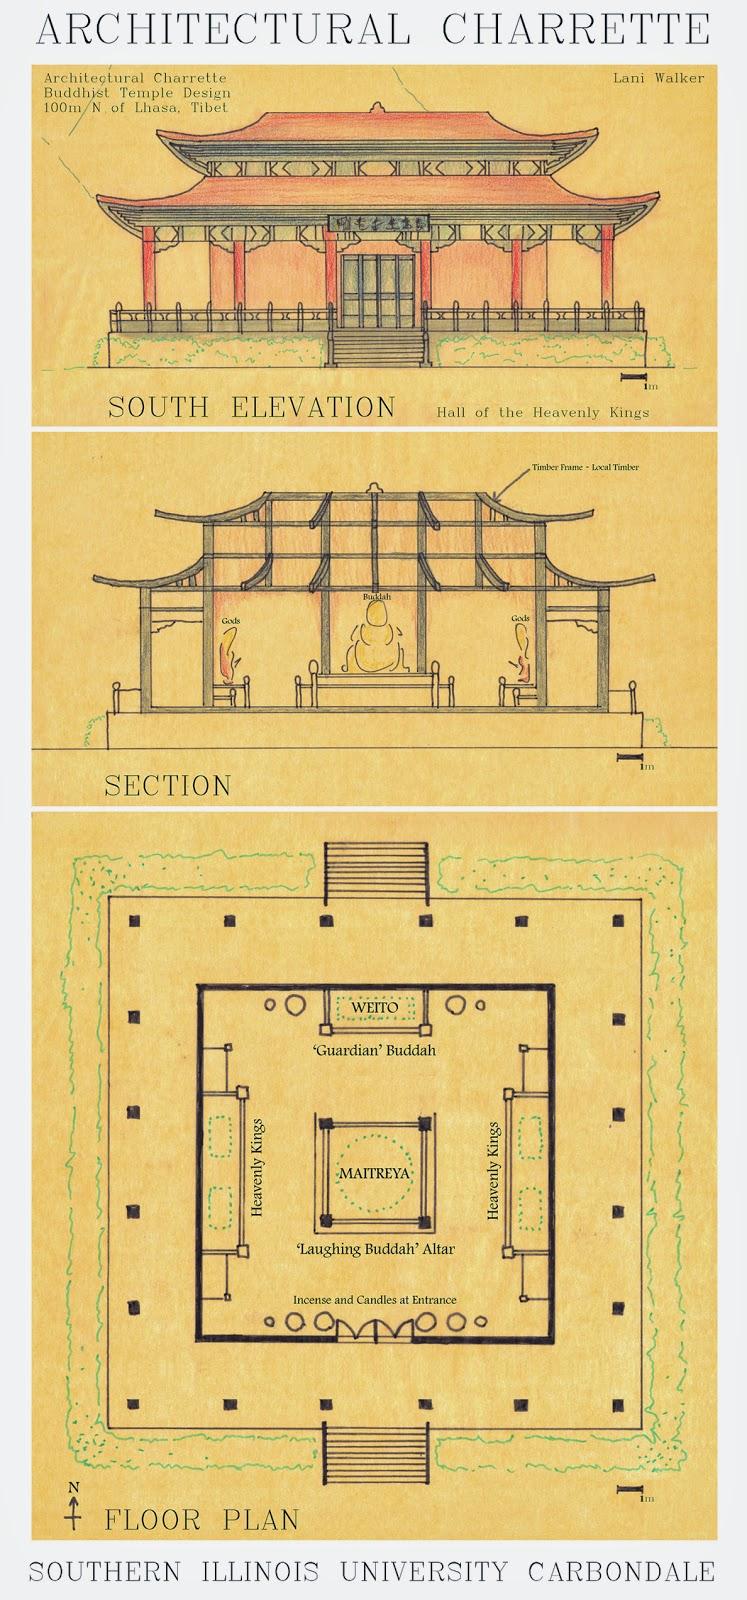 Salukitecture architectural charrette - Charrette dessin ...